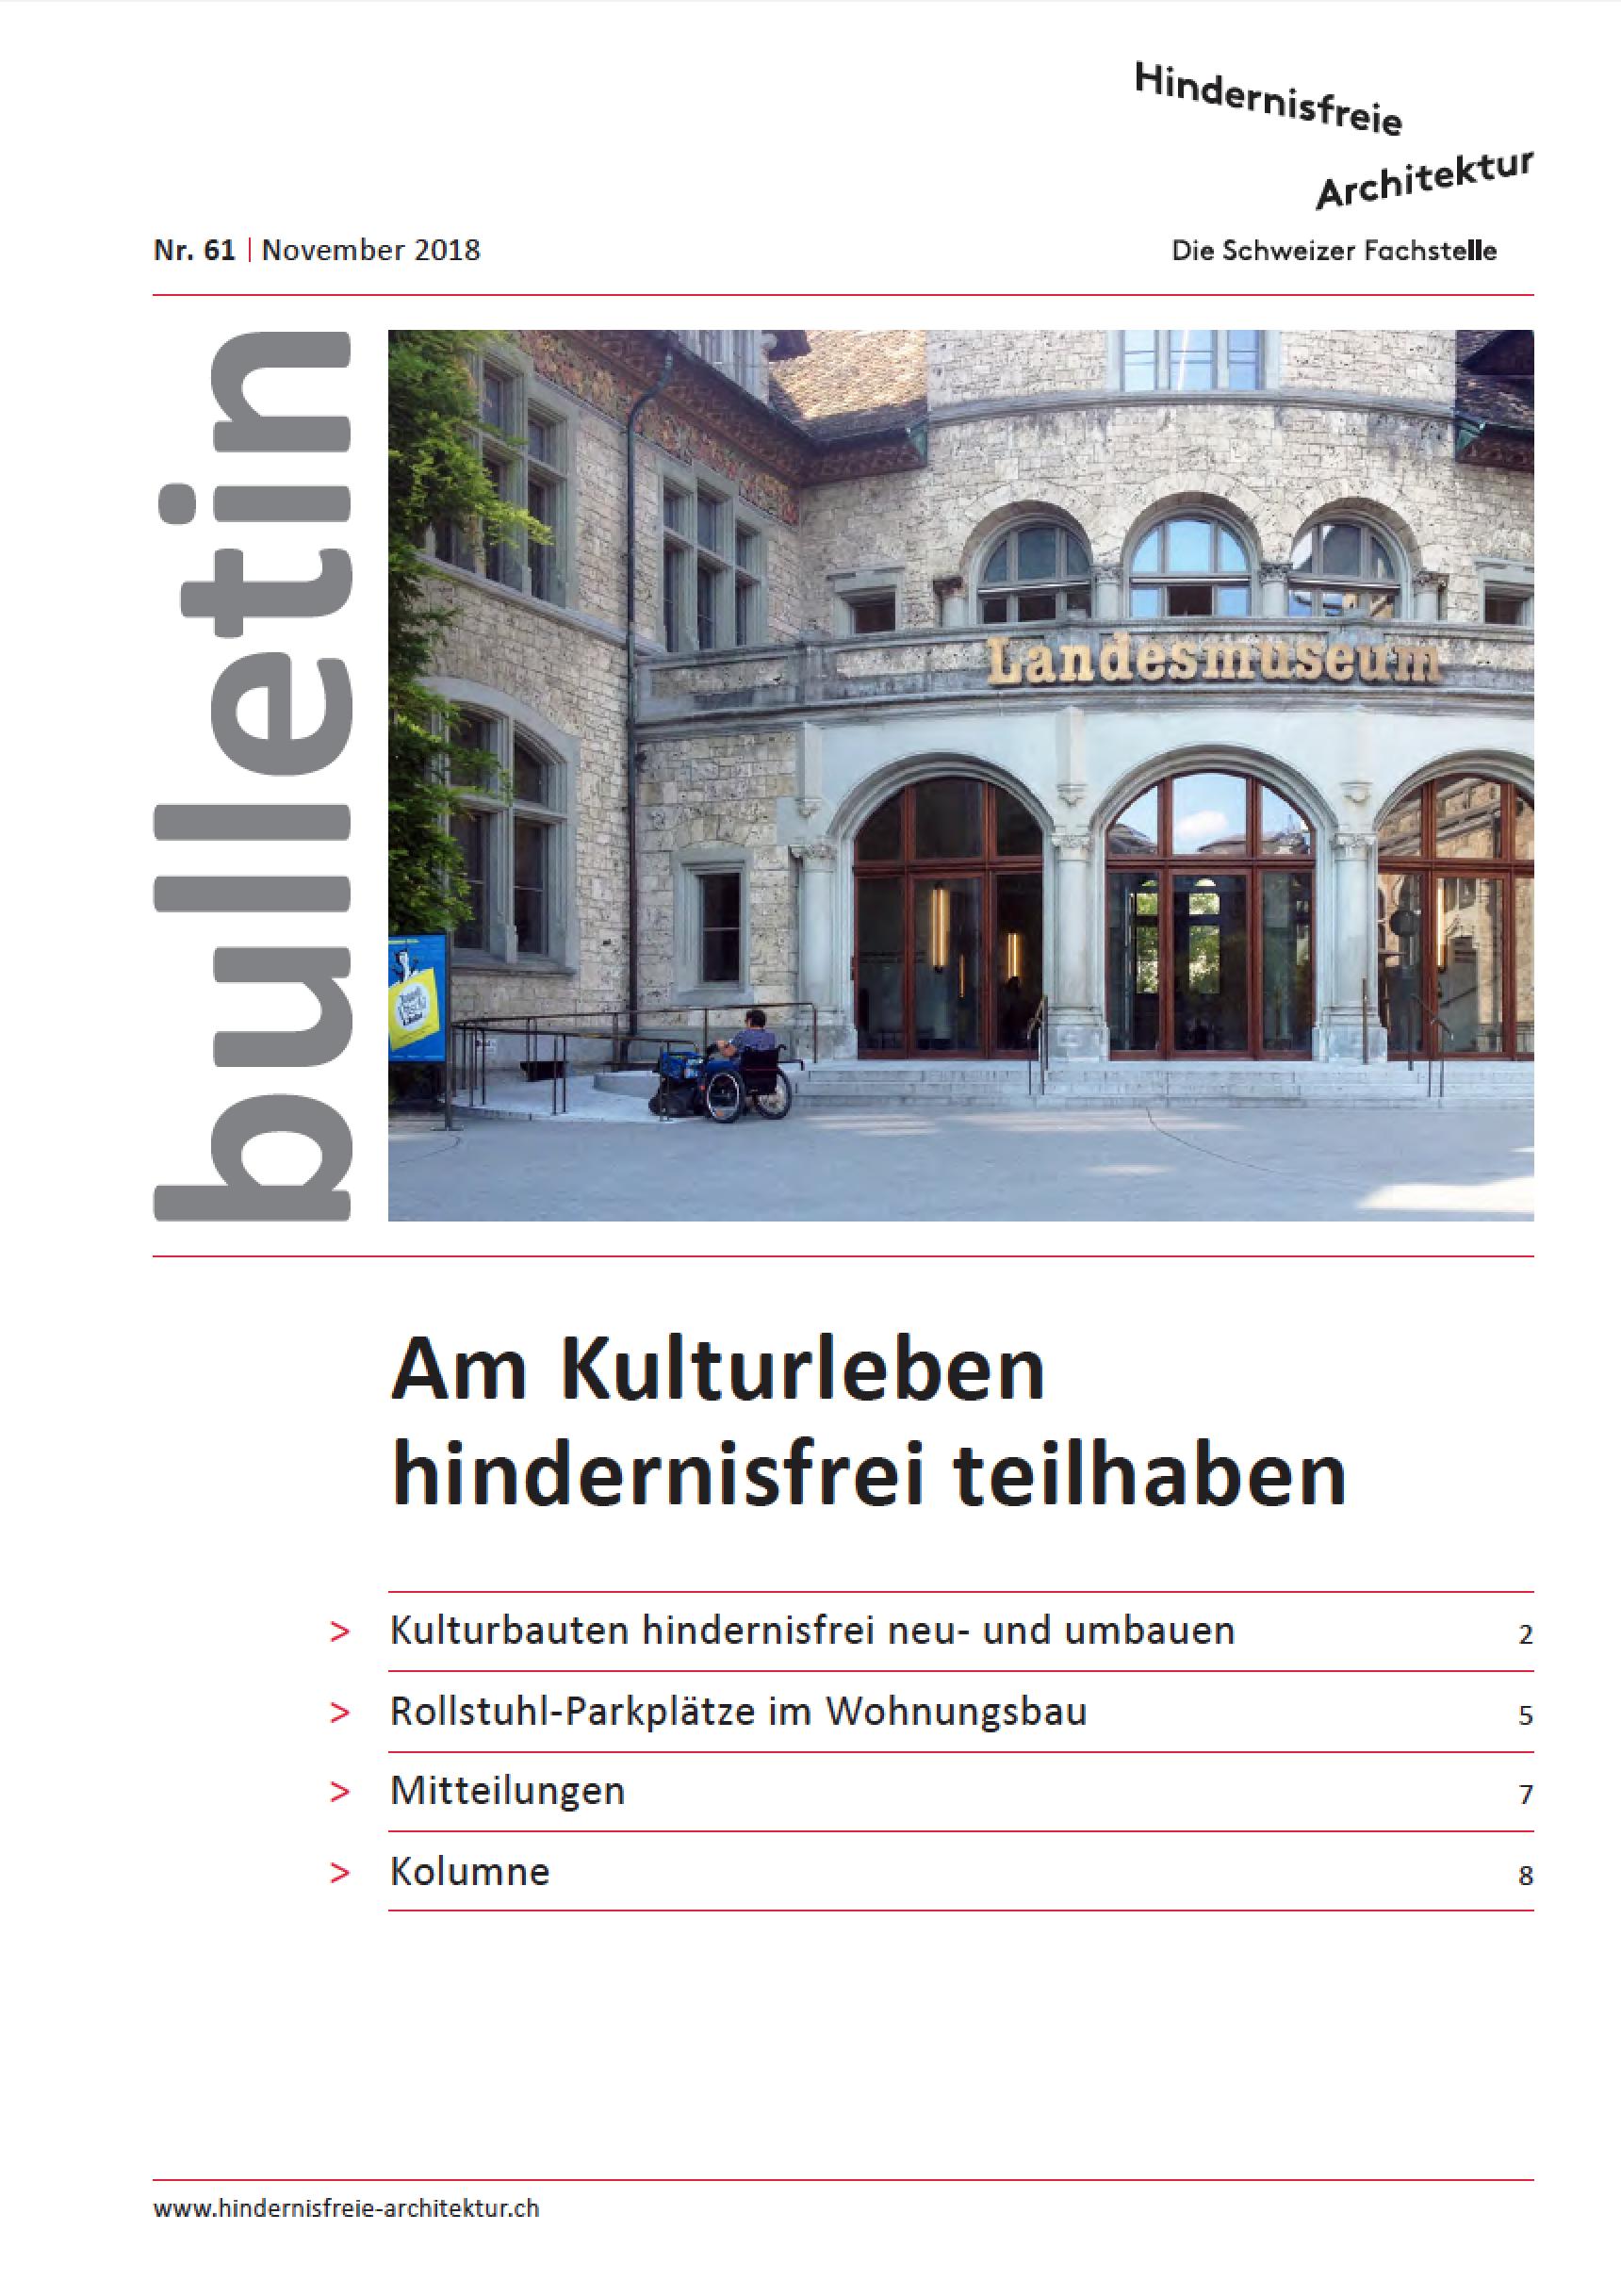 Titelblatt bulletin Nr. 61